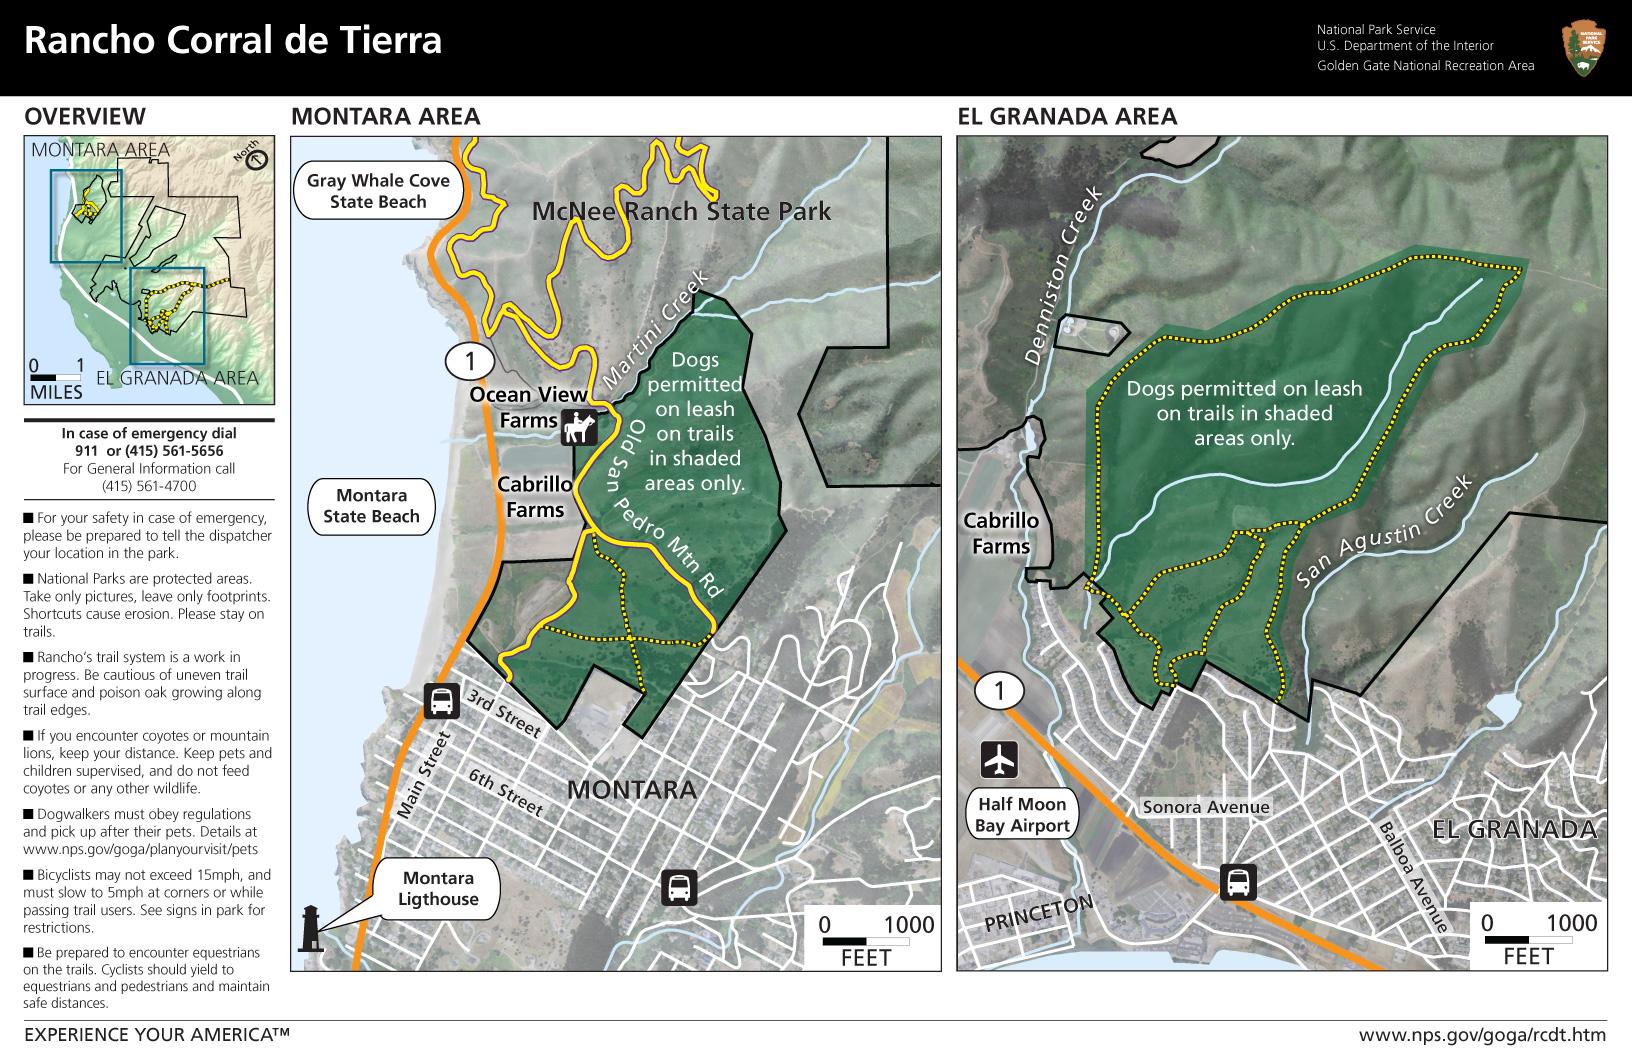 Rancho Corral De Tierra Trail hiddenSFcom